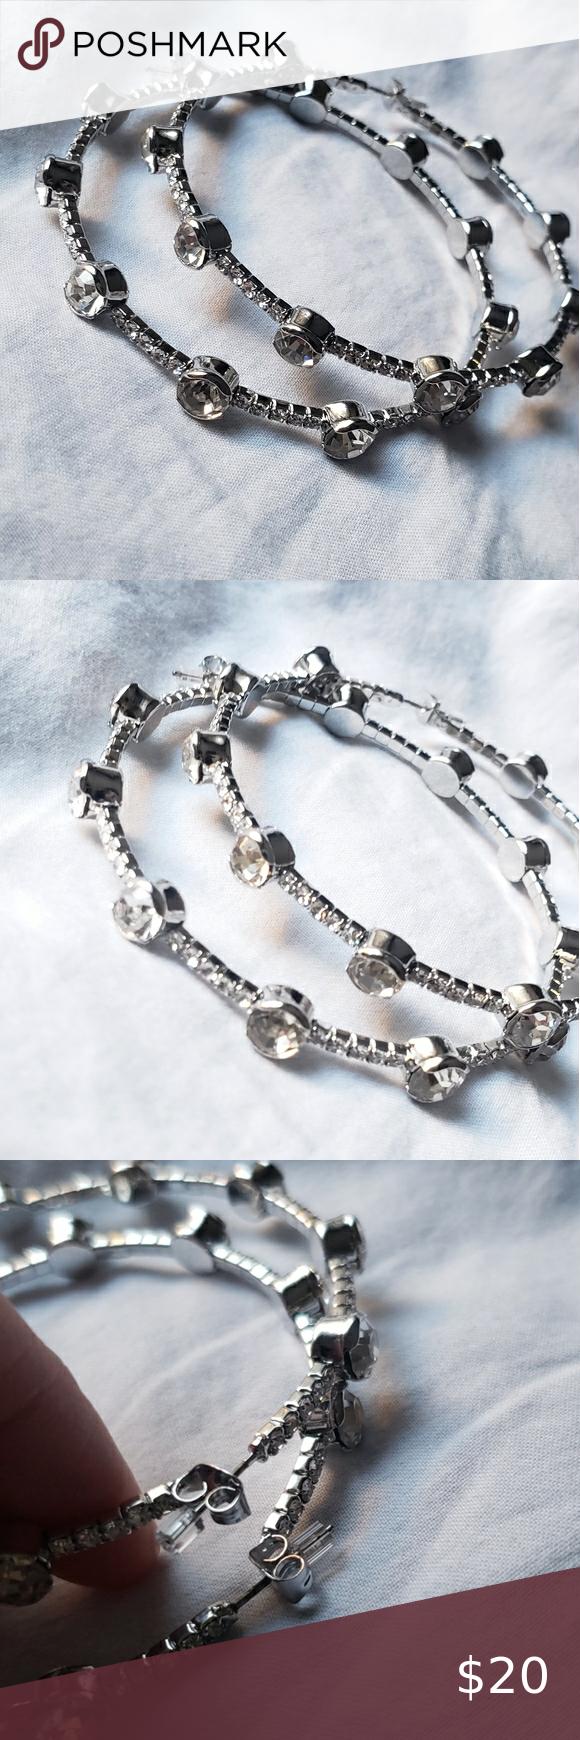 Hoop earrings New hoop earrings with faux diamonds  Silver  0705 Dolls Kill Jewelry Earrings